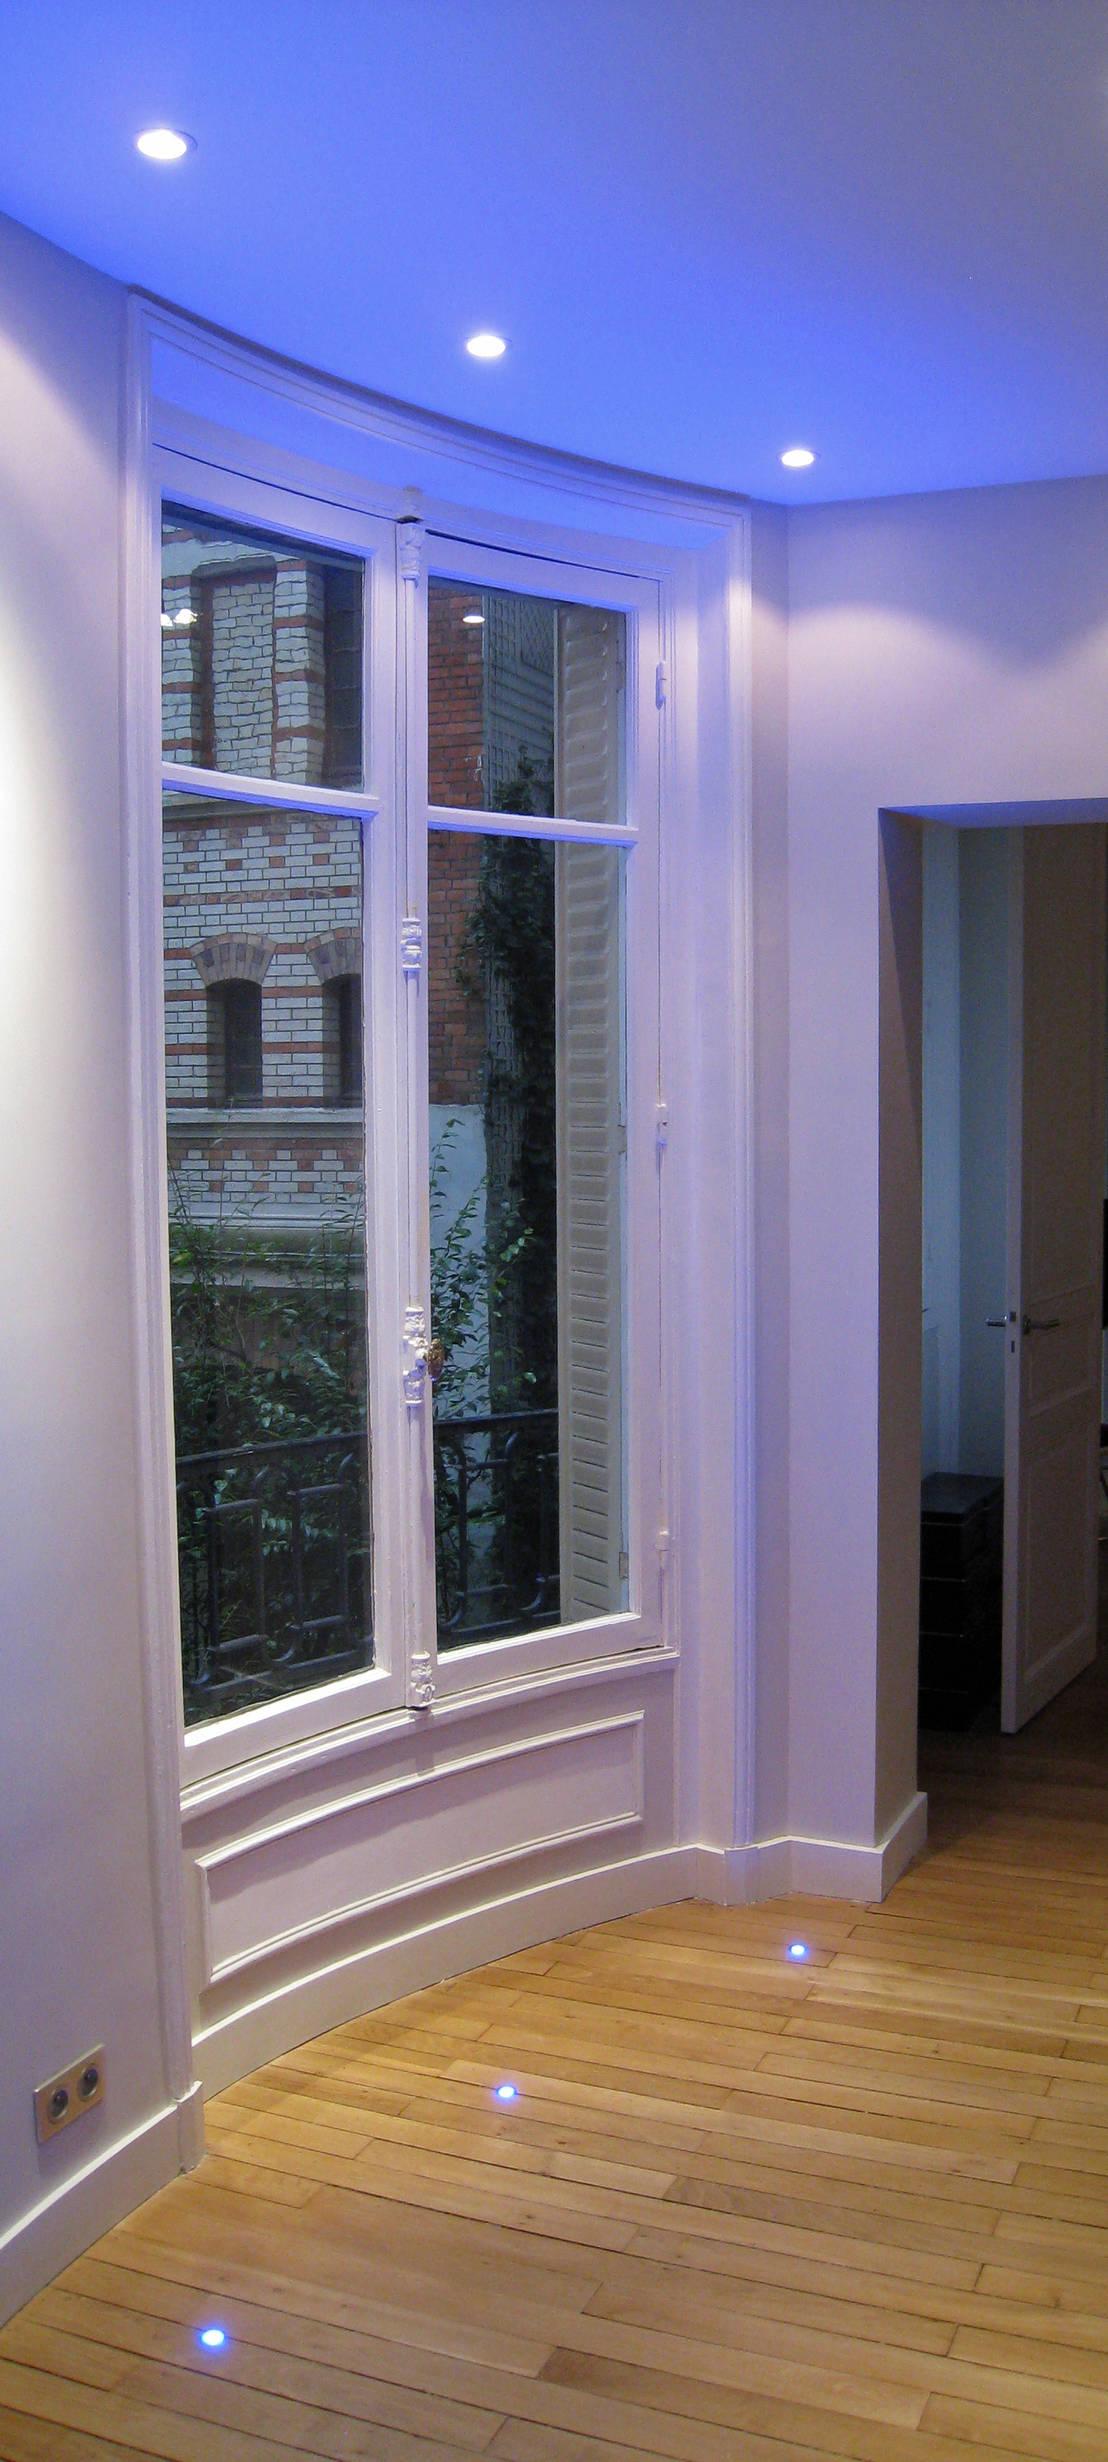 appartement haussmannien architecture int rieure paris 17 em par philippe ponceblanc architecte. Black Bedroom Furniture Sets. Home Design Ideas